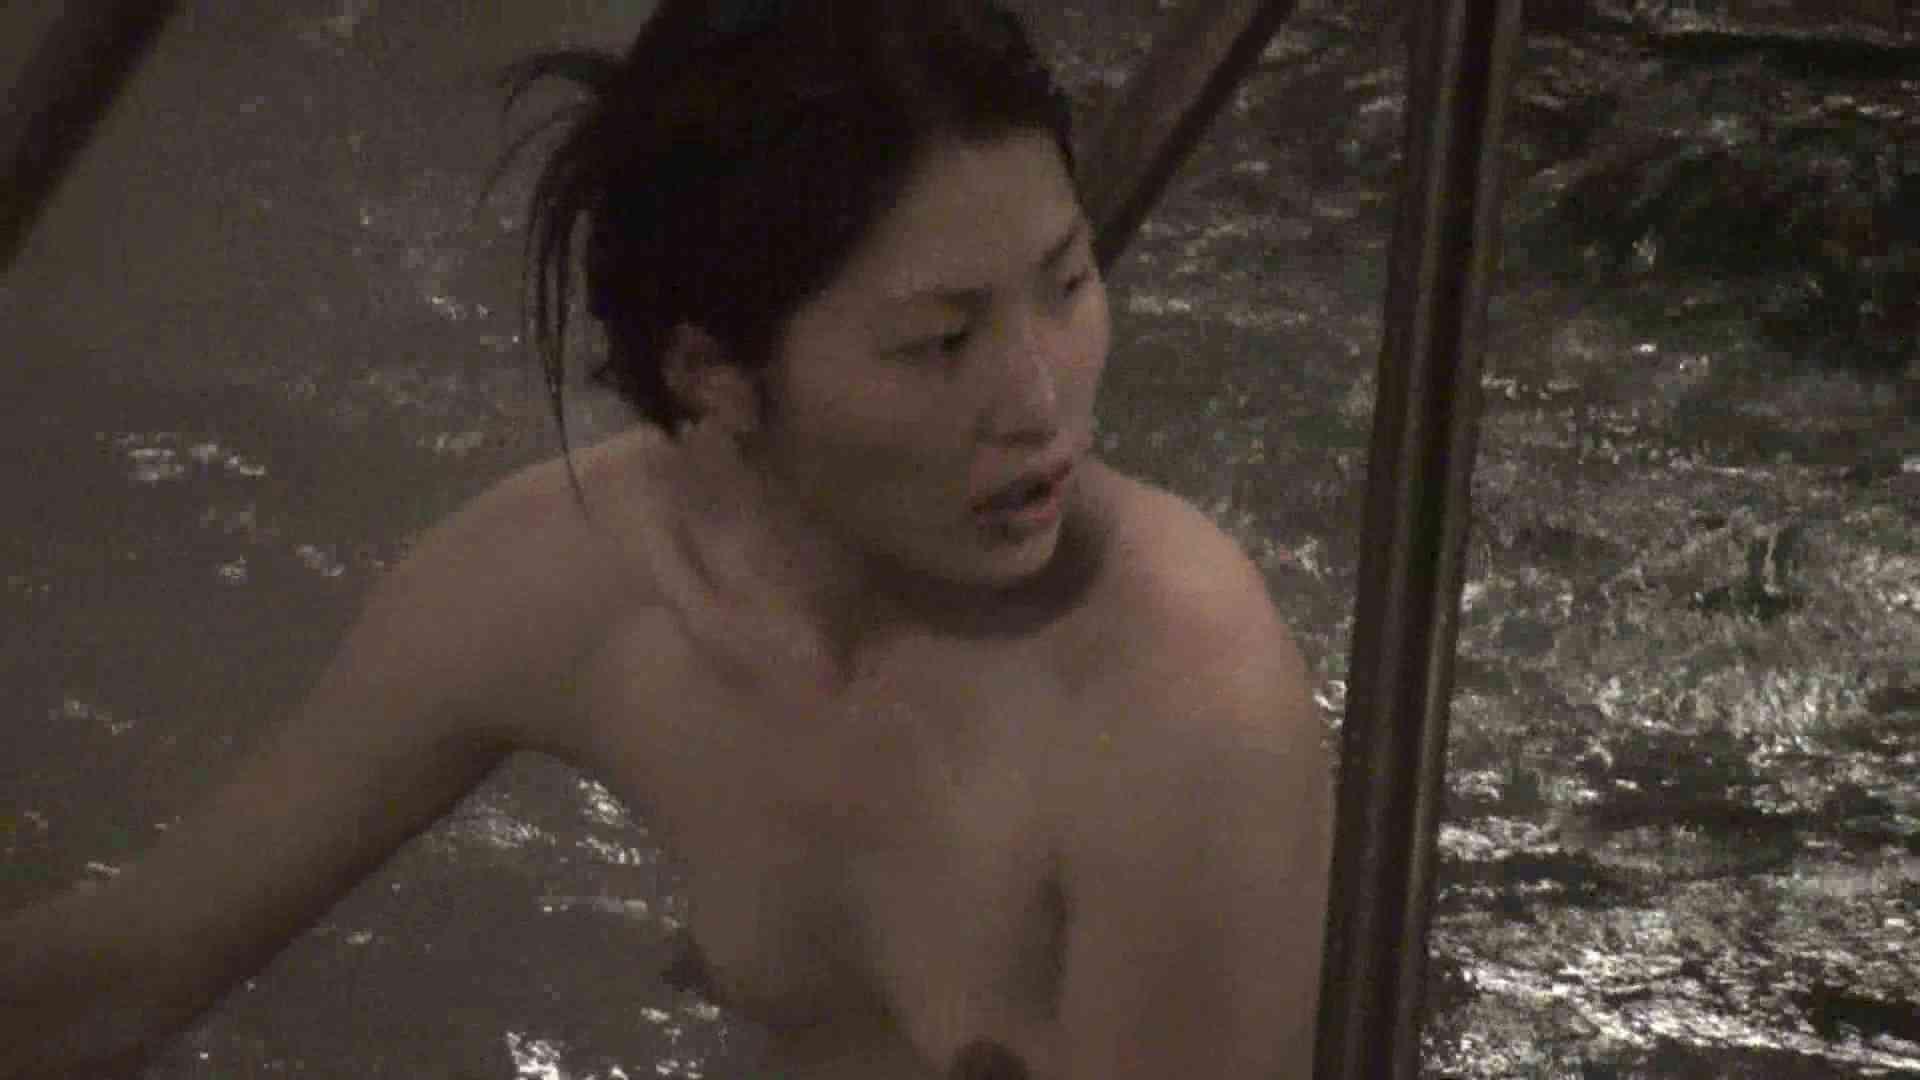 Aquaな露天風呂Vol.406 美しいOLの裸体  71pic 27